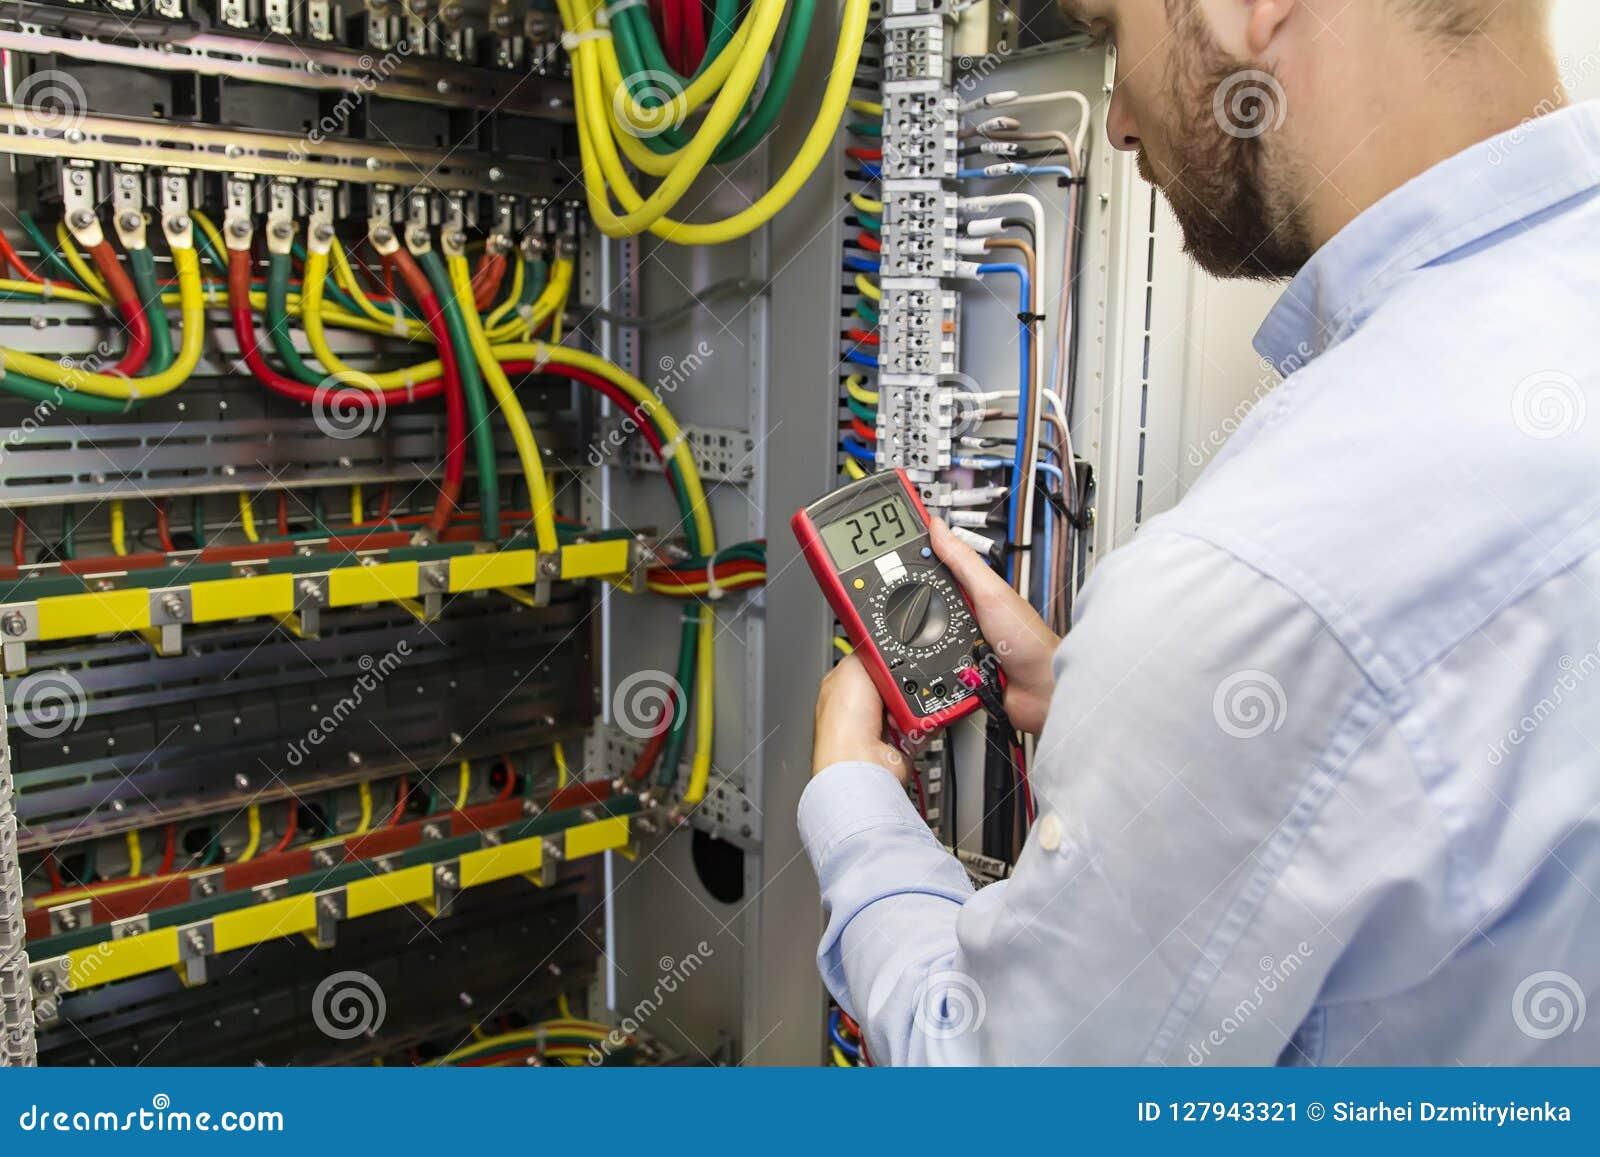 Conexão de expedição de cabogramas dos testes do coordenador do eletricista da linha elétrica do poder de alta tensão na placa in